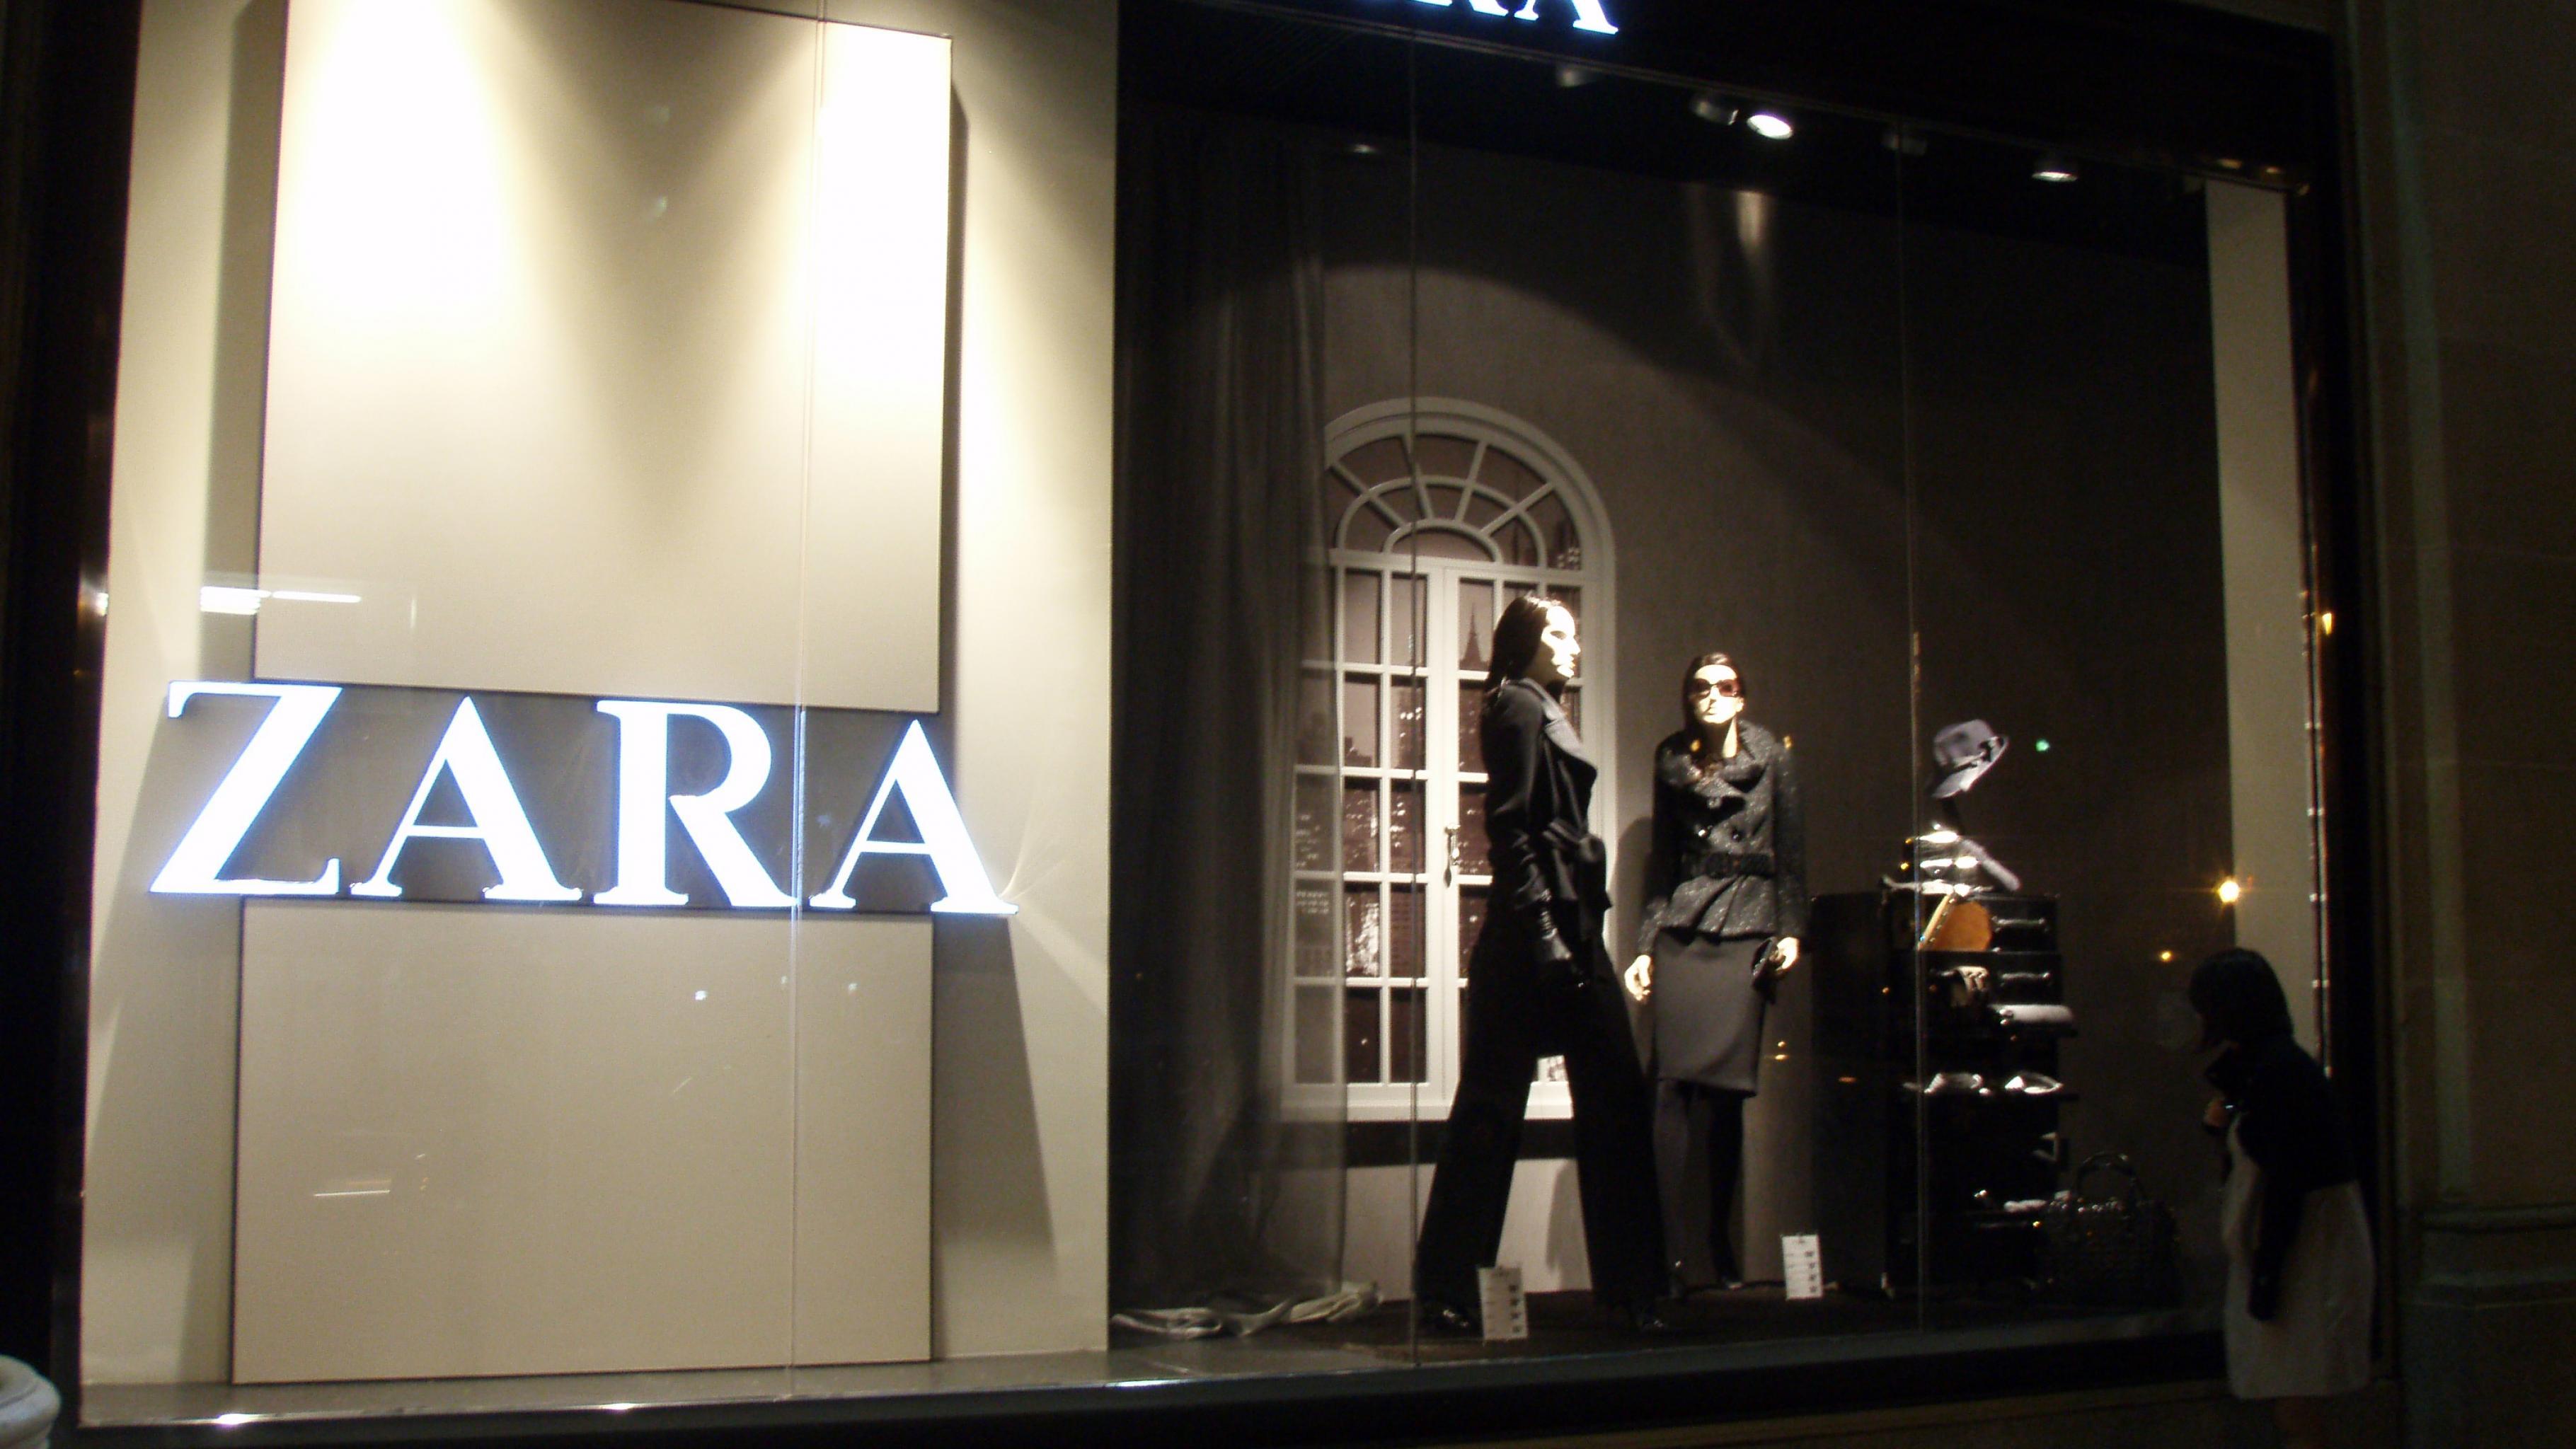 Zara-Schaufenster bei Nacht